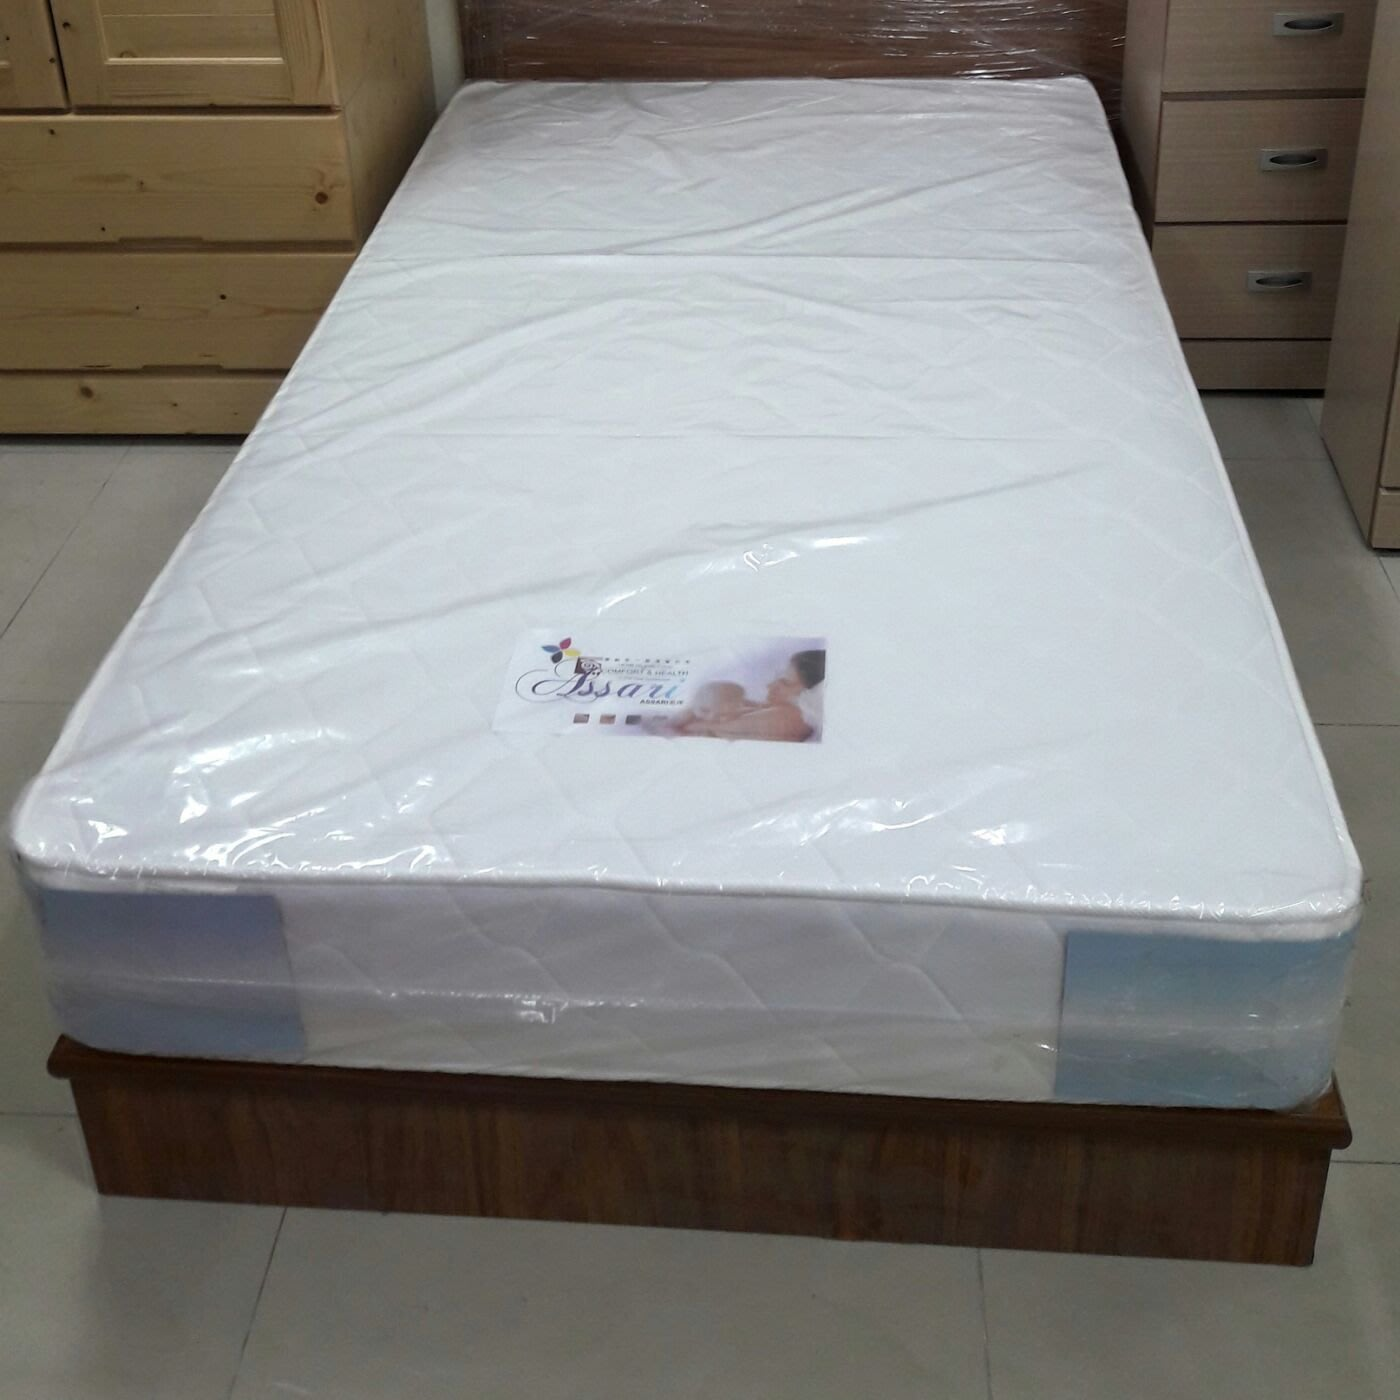 新竹二手家具店來來-全新 單人床架床底 3.5尺~來來 竹北 竹南 收購 二手 實木,茶几,沙發,衣櫥,餐桌,餐椅,床墊